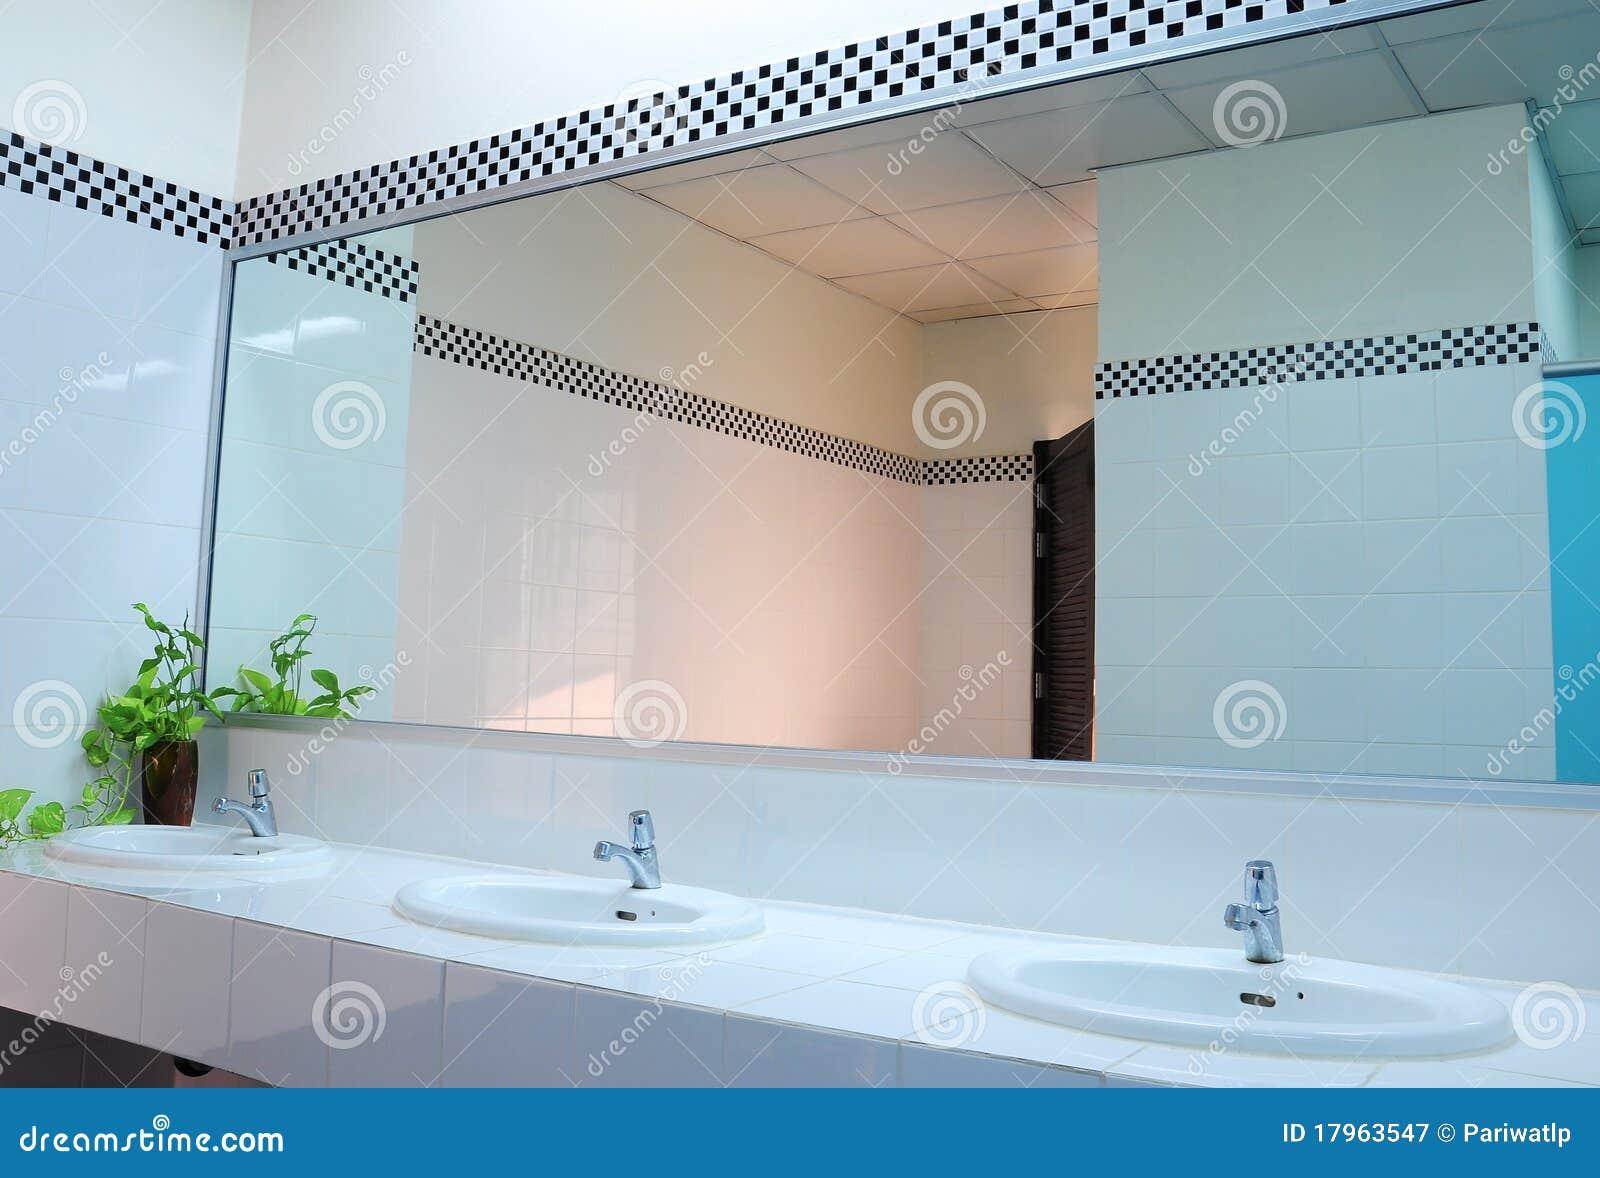 salle de bains au bureau handbasin et miroir dans la toilette image stock image du handbasin. Black Bedroom Furniture Sets. Home Design Ideas